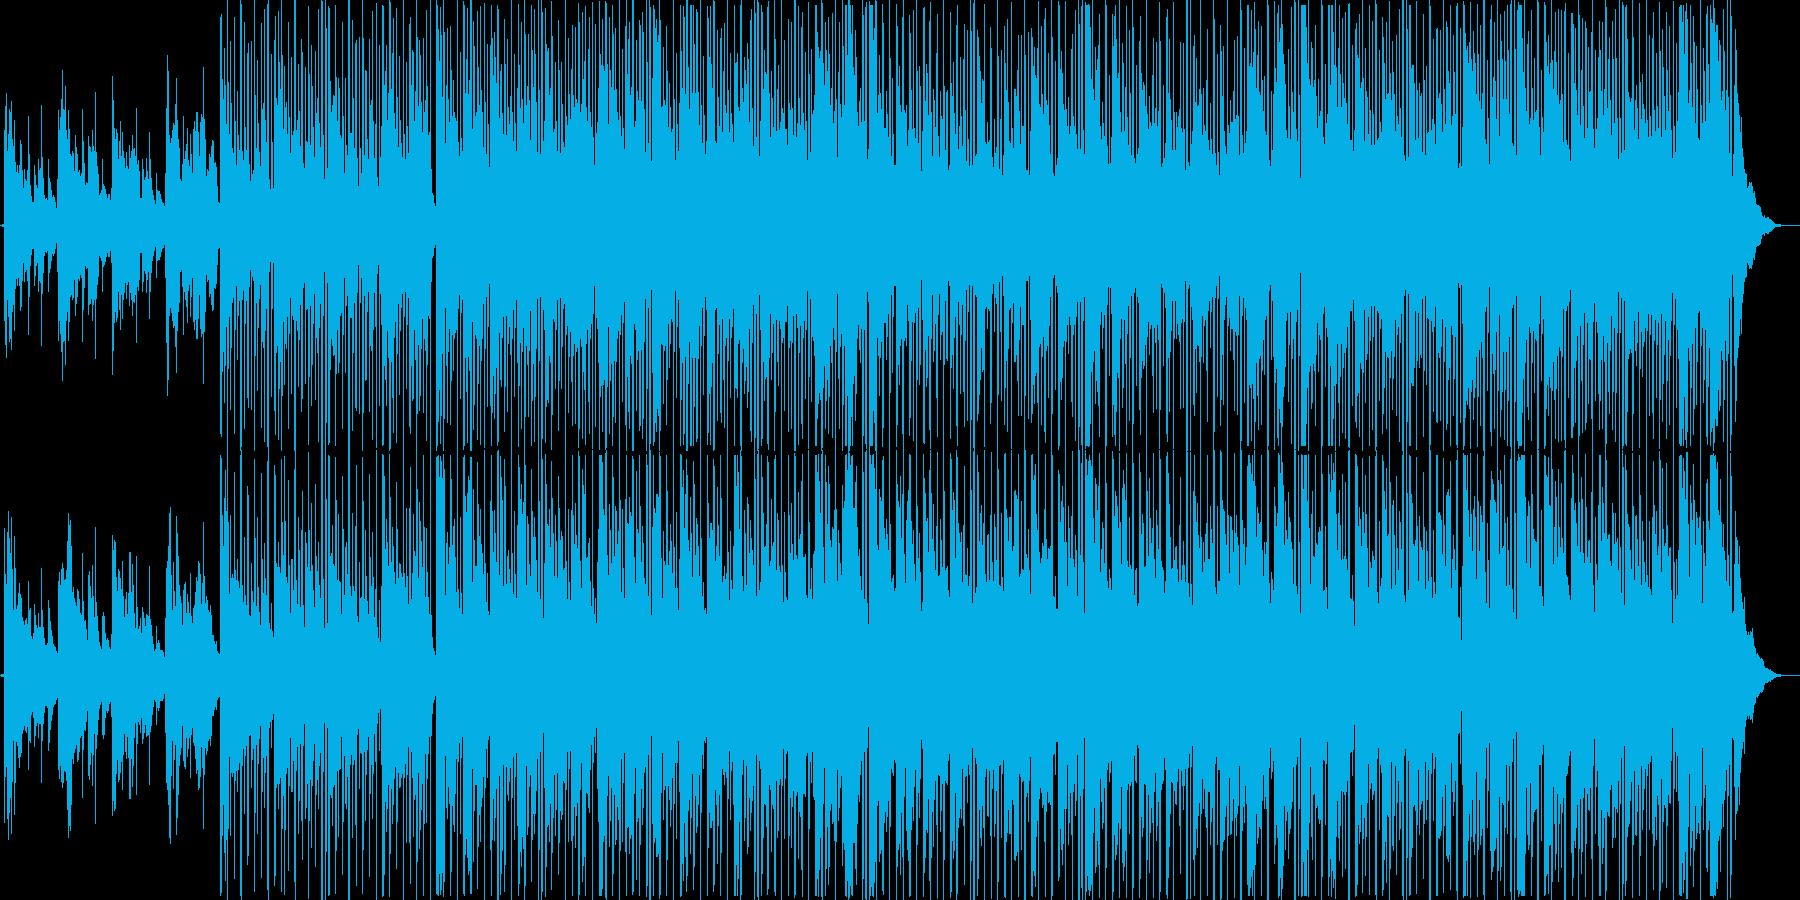 ワクワク感をイメージしたボサノバ風BGMの再生済みの波形